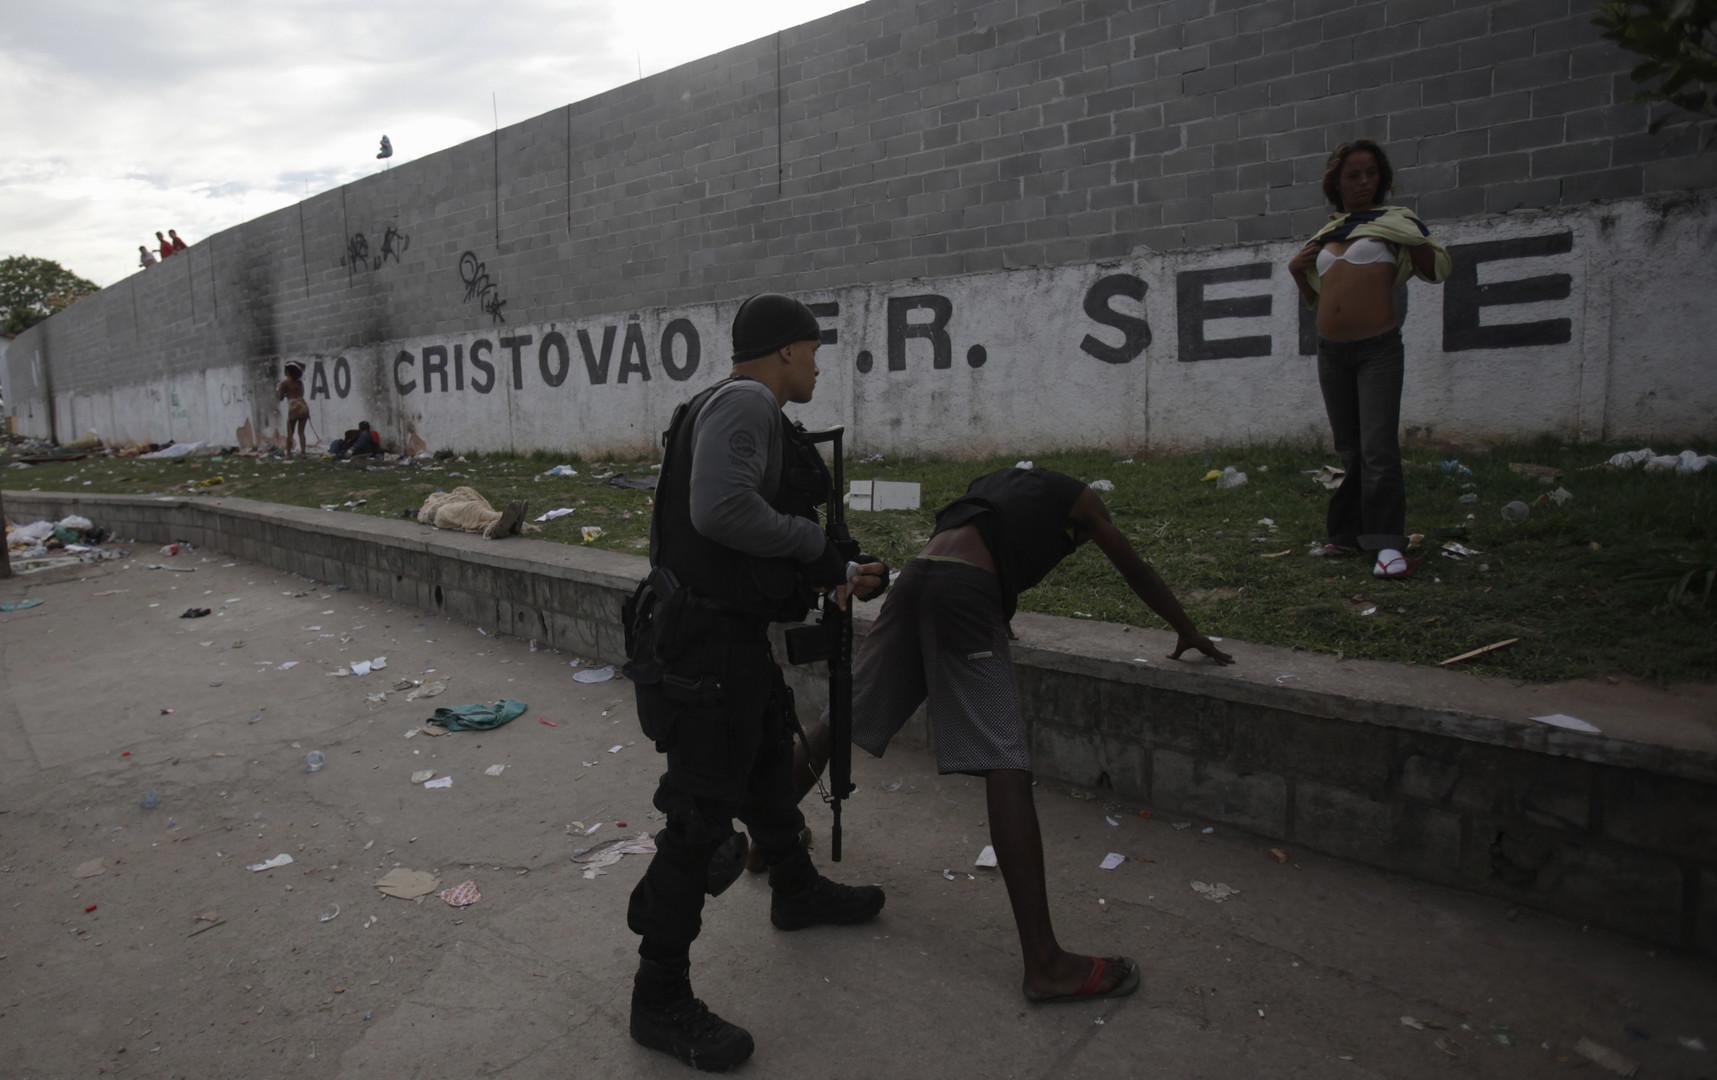 Ein Polizist durchsucht einen mutmaßlichen Crack-Süchtigen während einer Razzia in Rio de Janeiro. Im Hintergrund ist eine Mauer zu sehen, die das Elendsviertel Parque Uniao umgibt.